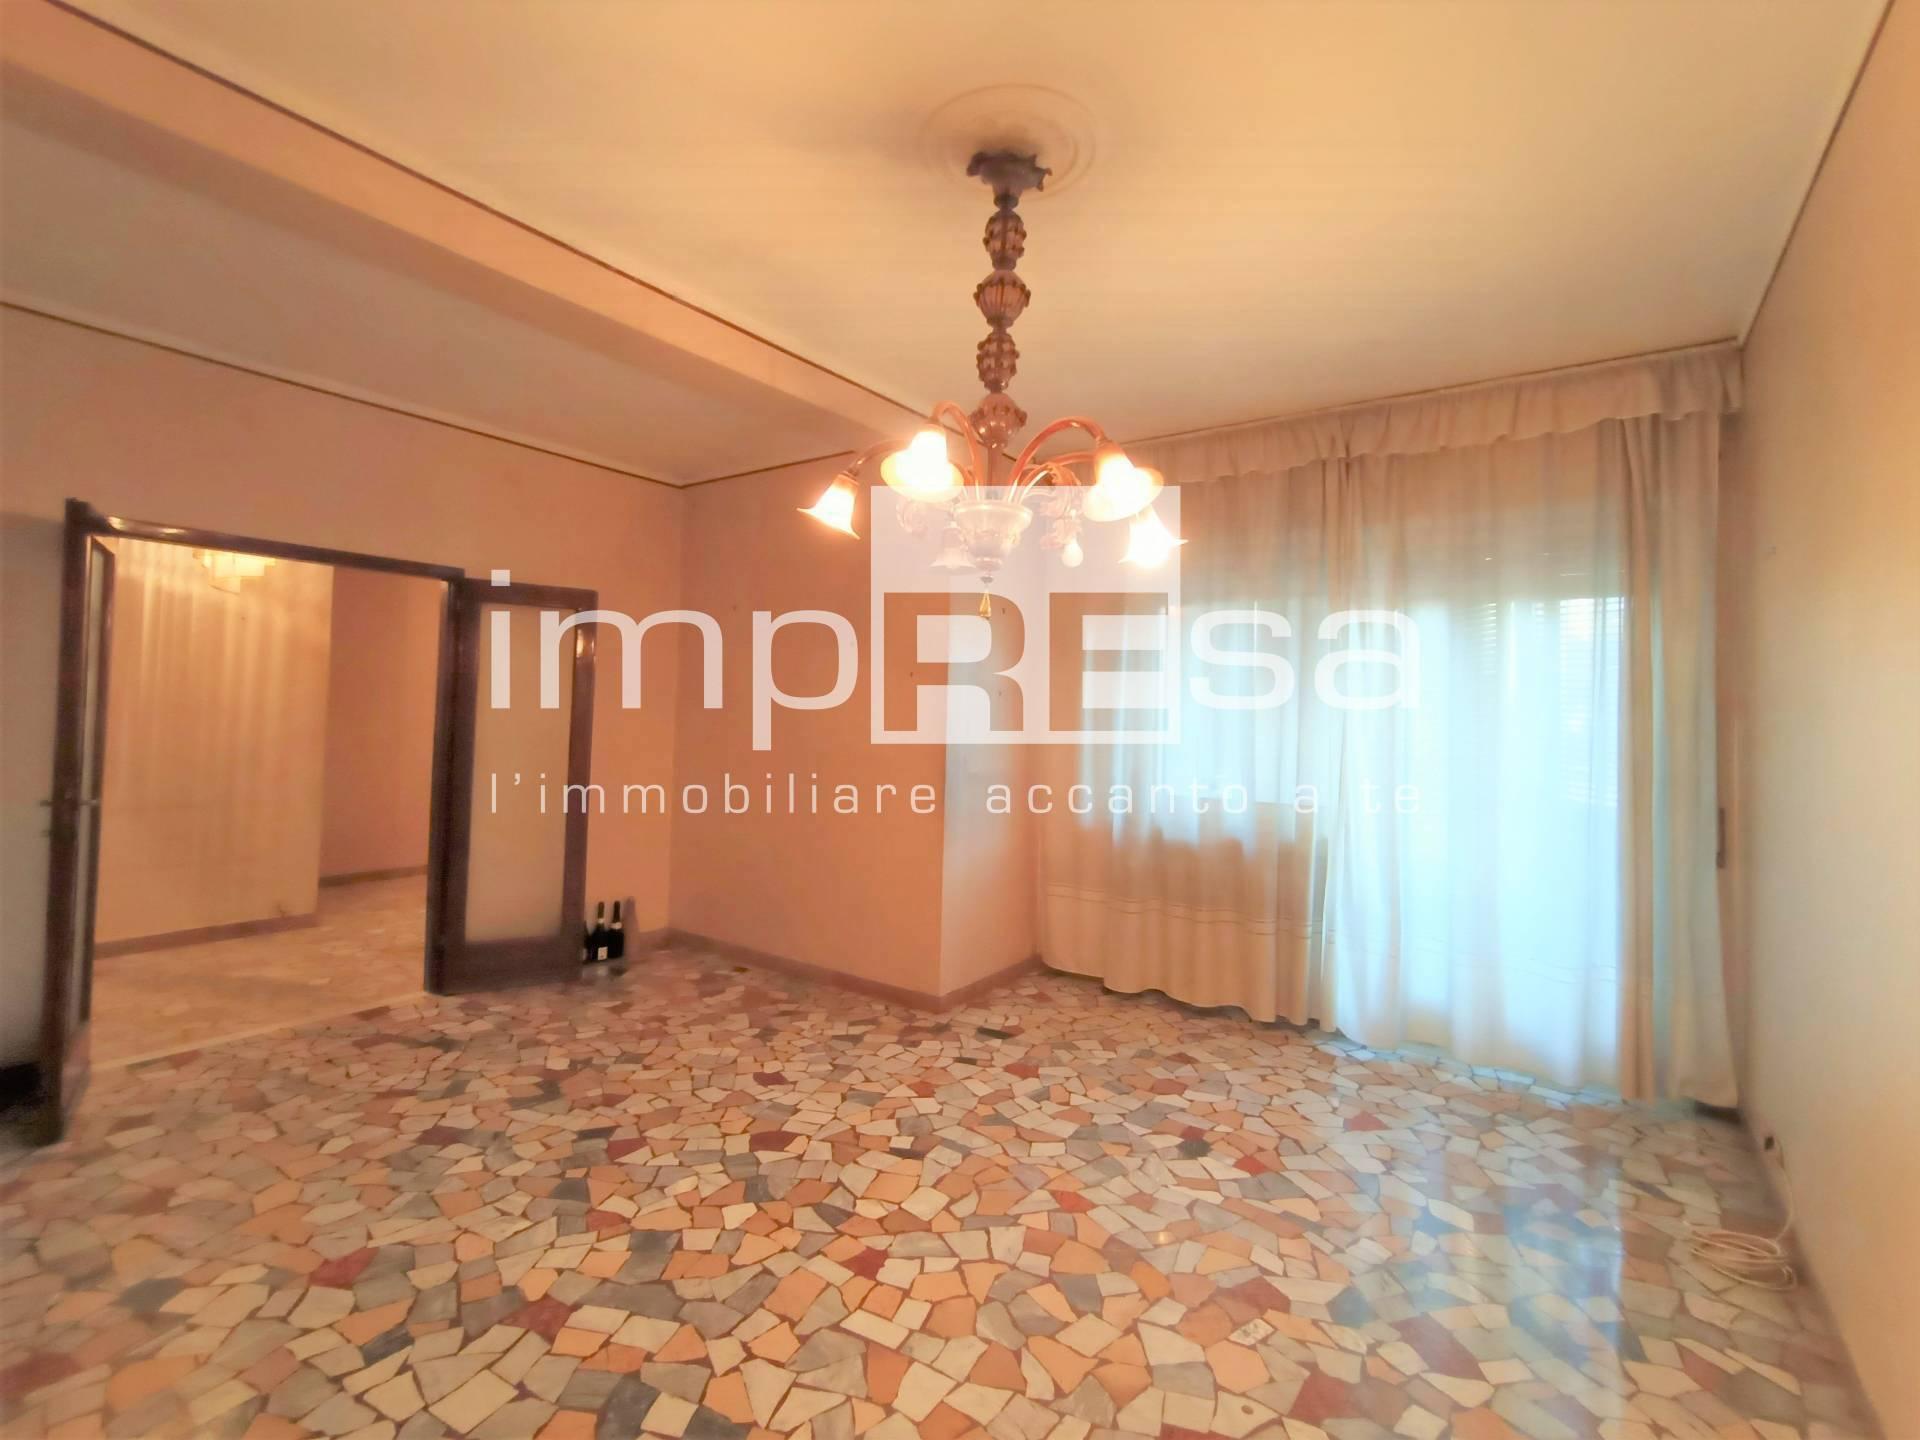 Appartamento in vendita a Venezia, 4 locali, zona Mestre, prezzo € 130.000   PortaleAgenzieImmobiliari.it